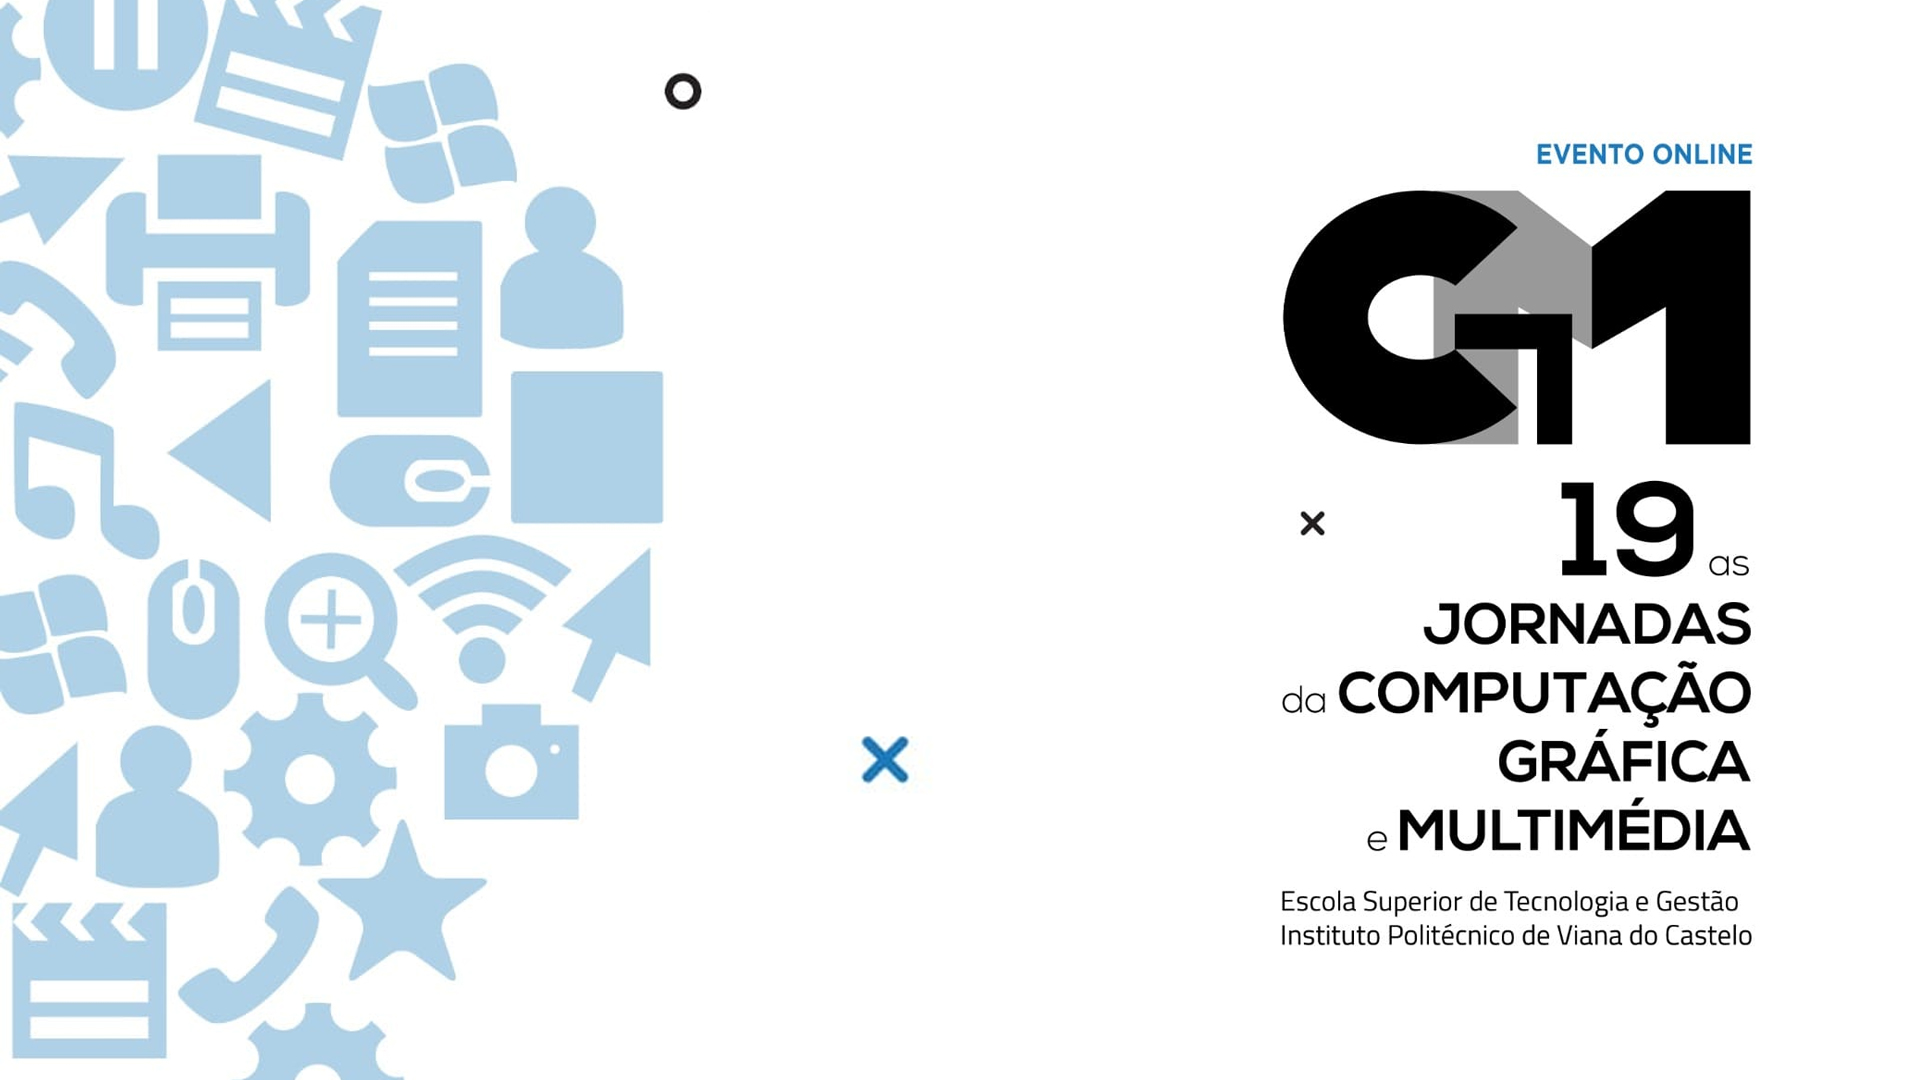 19º Jornadas da Computação Gráfica e Multimédia